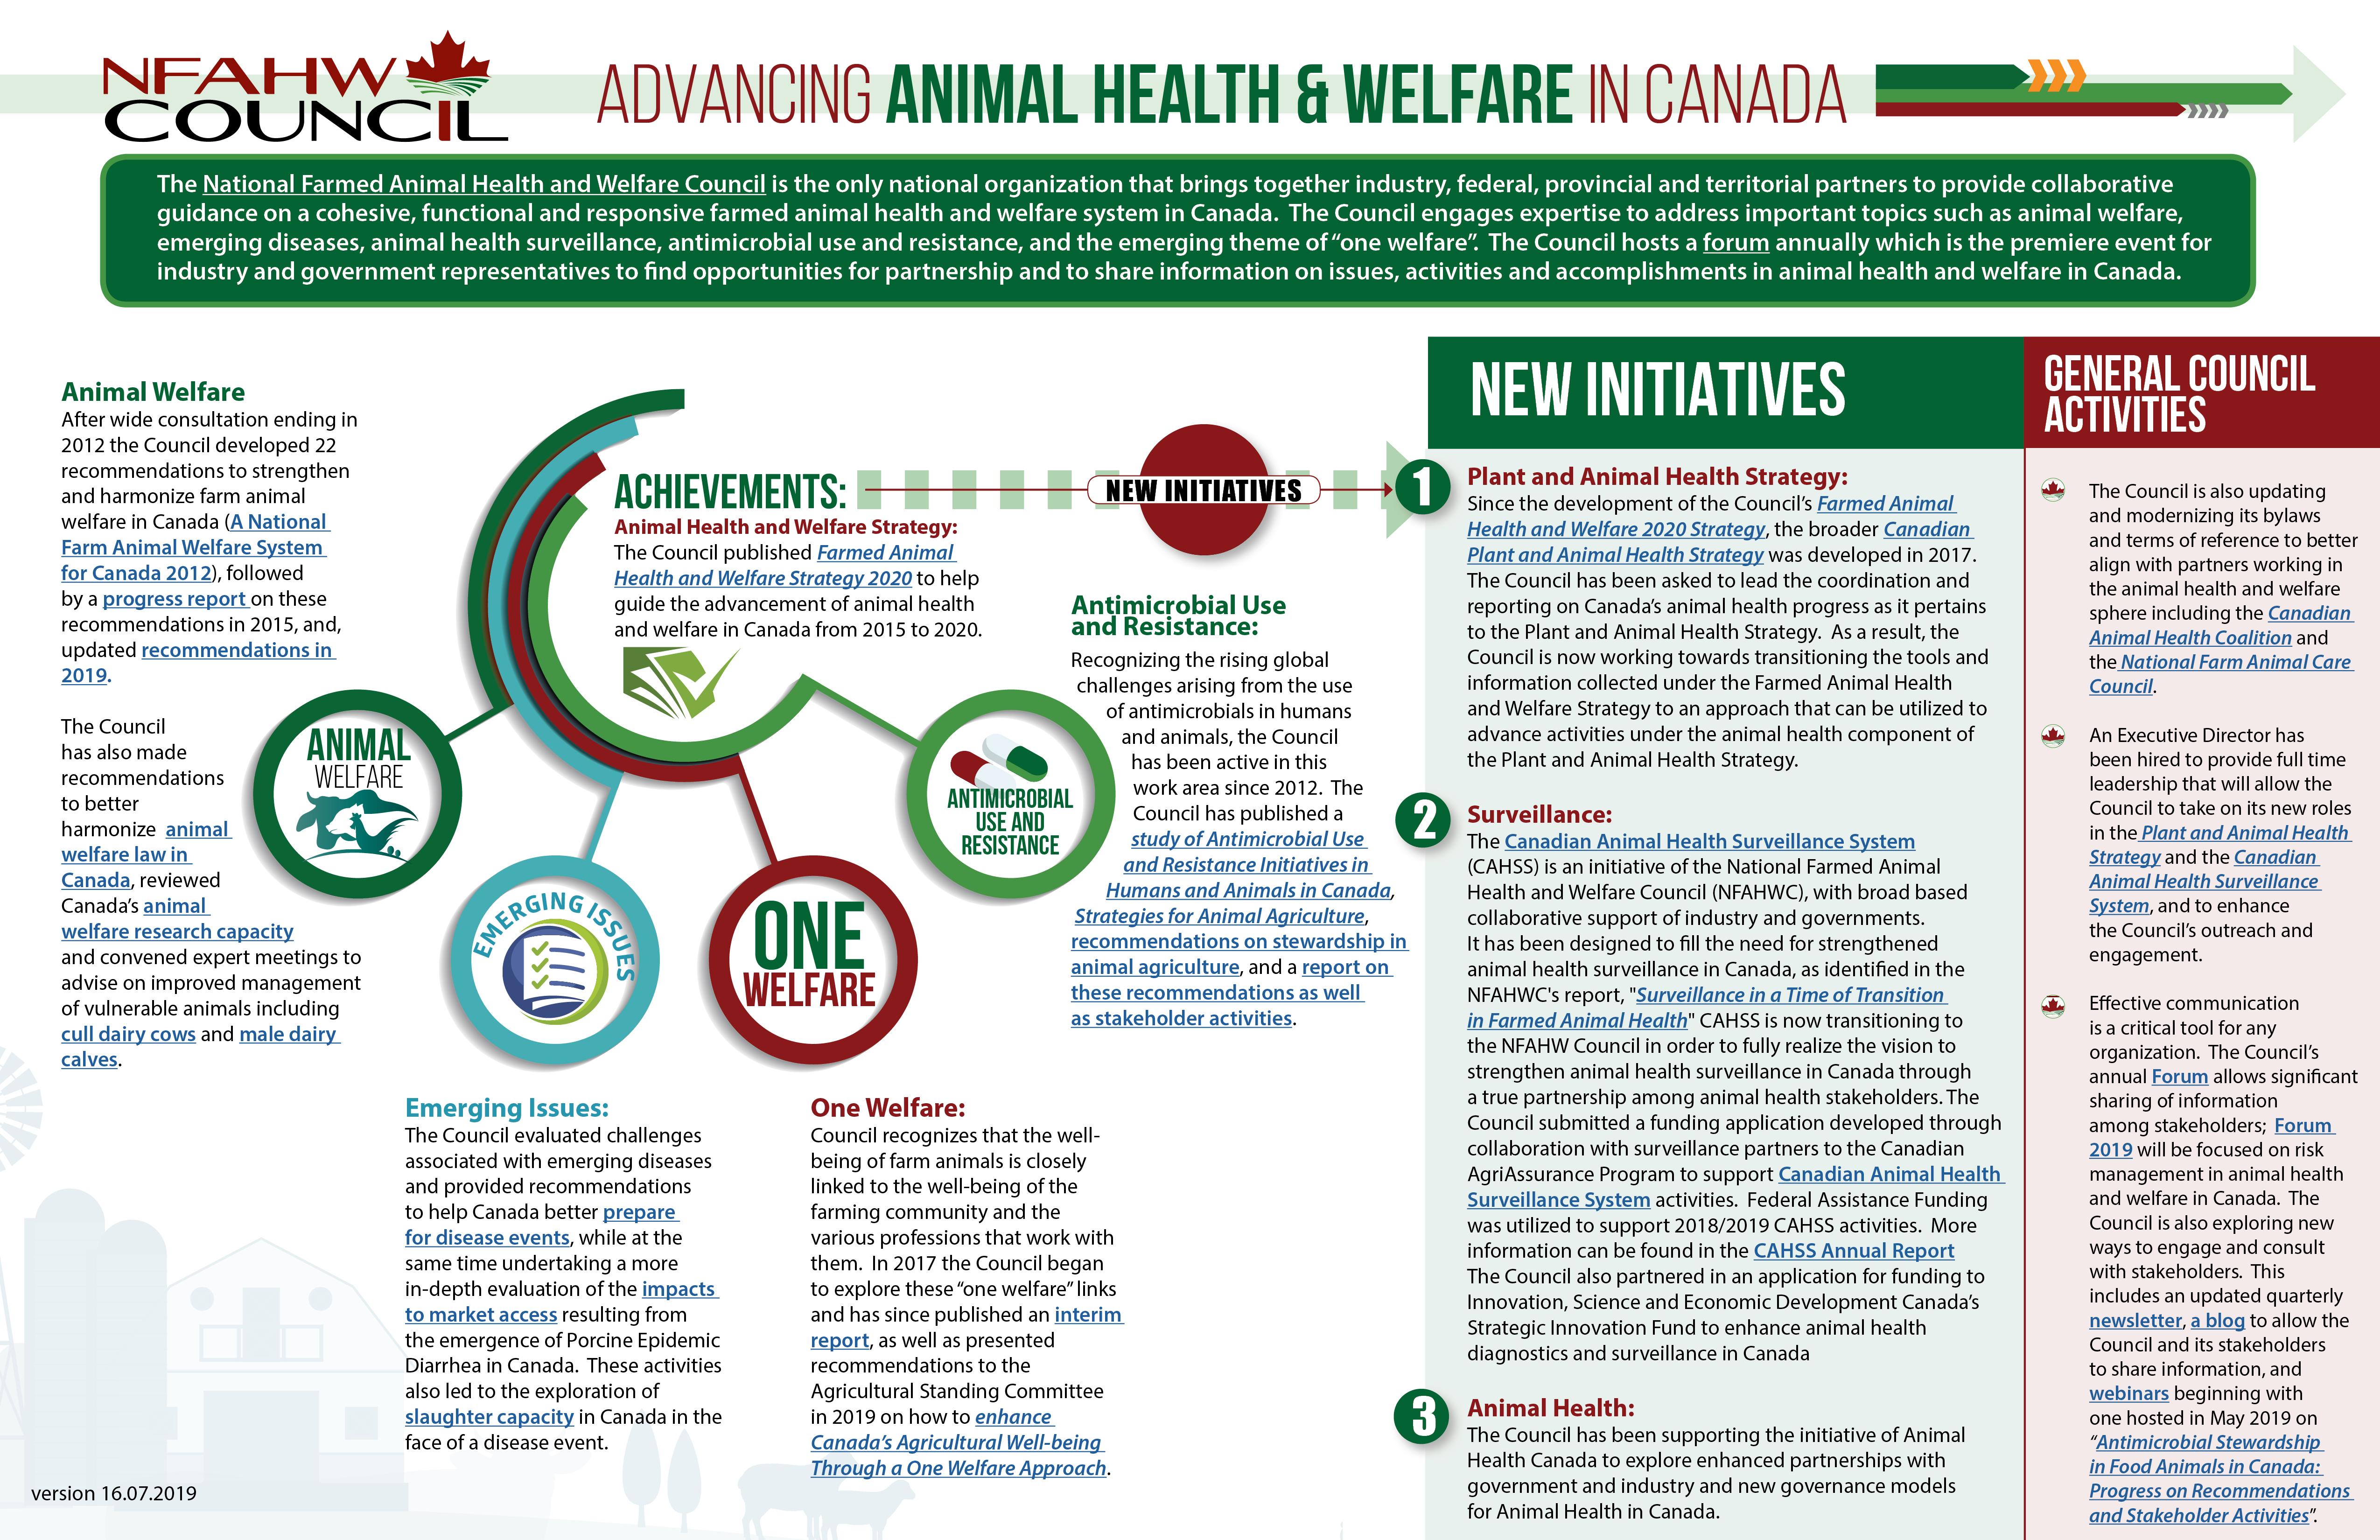 National Farmed Animal Health and Welfare Council